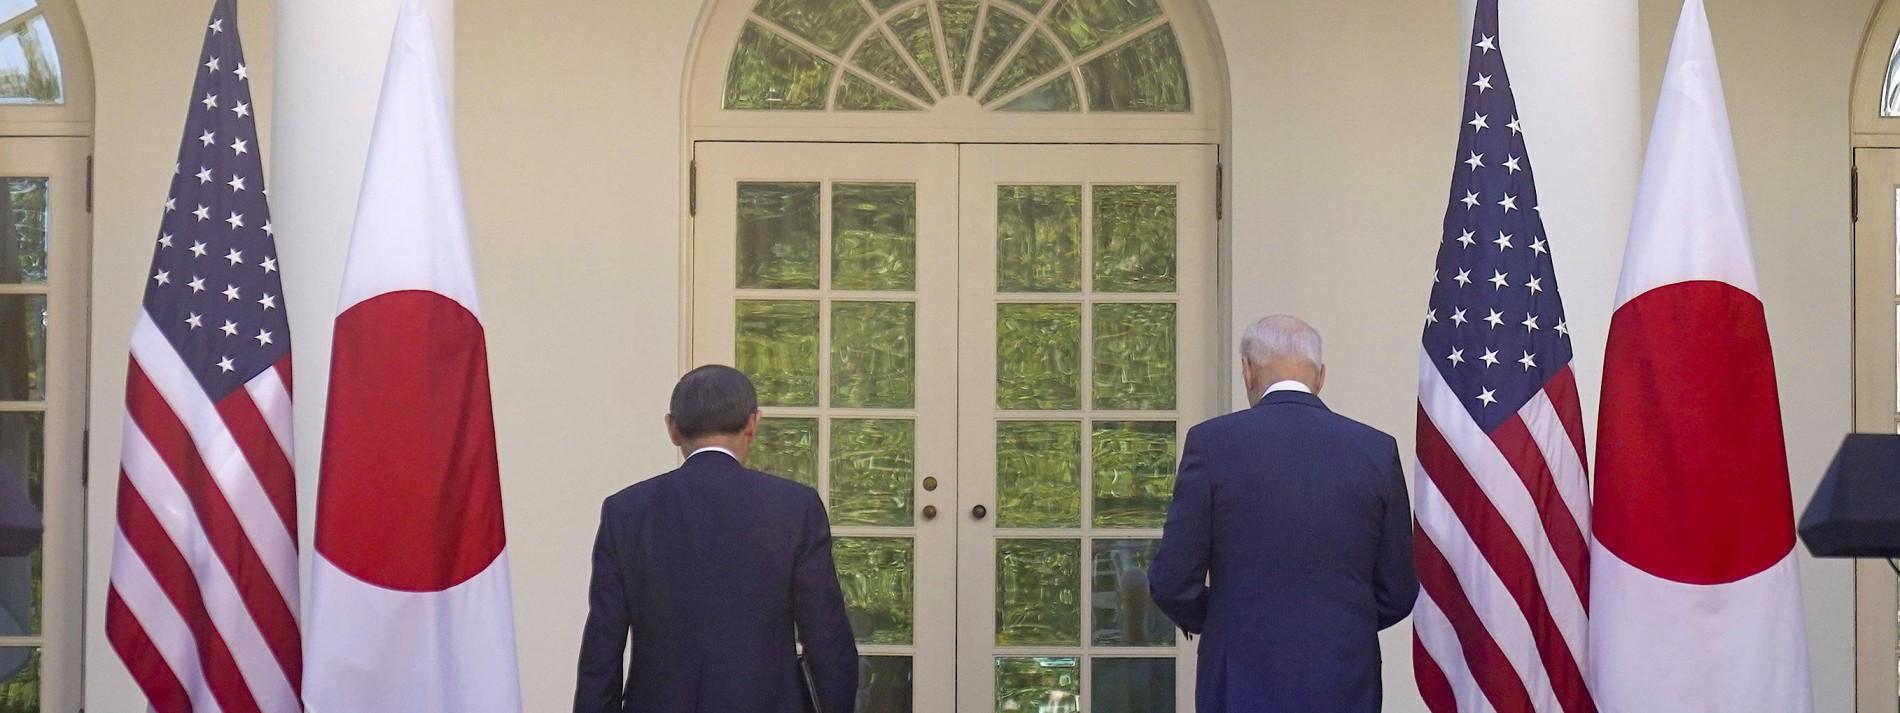 Amerika erneuert Sicherheitsgarantie für Japan